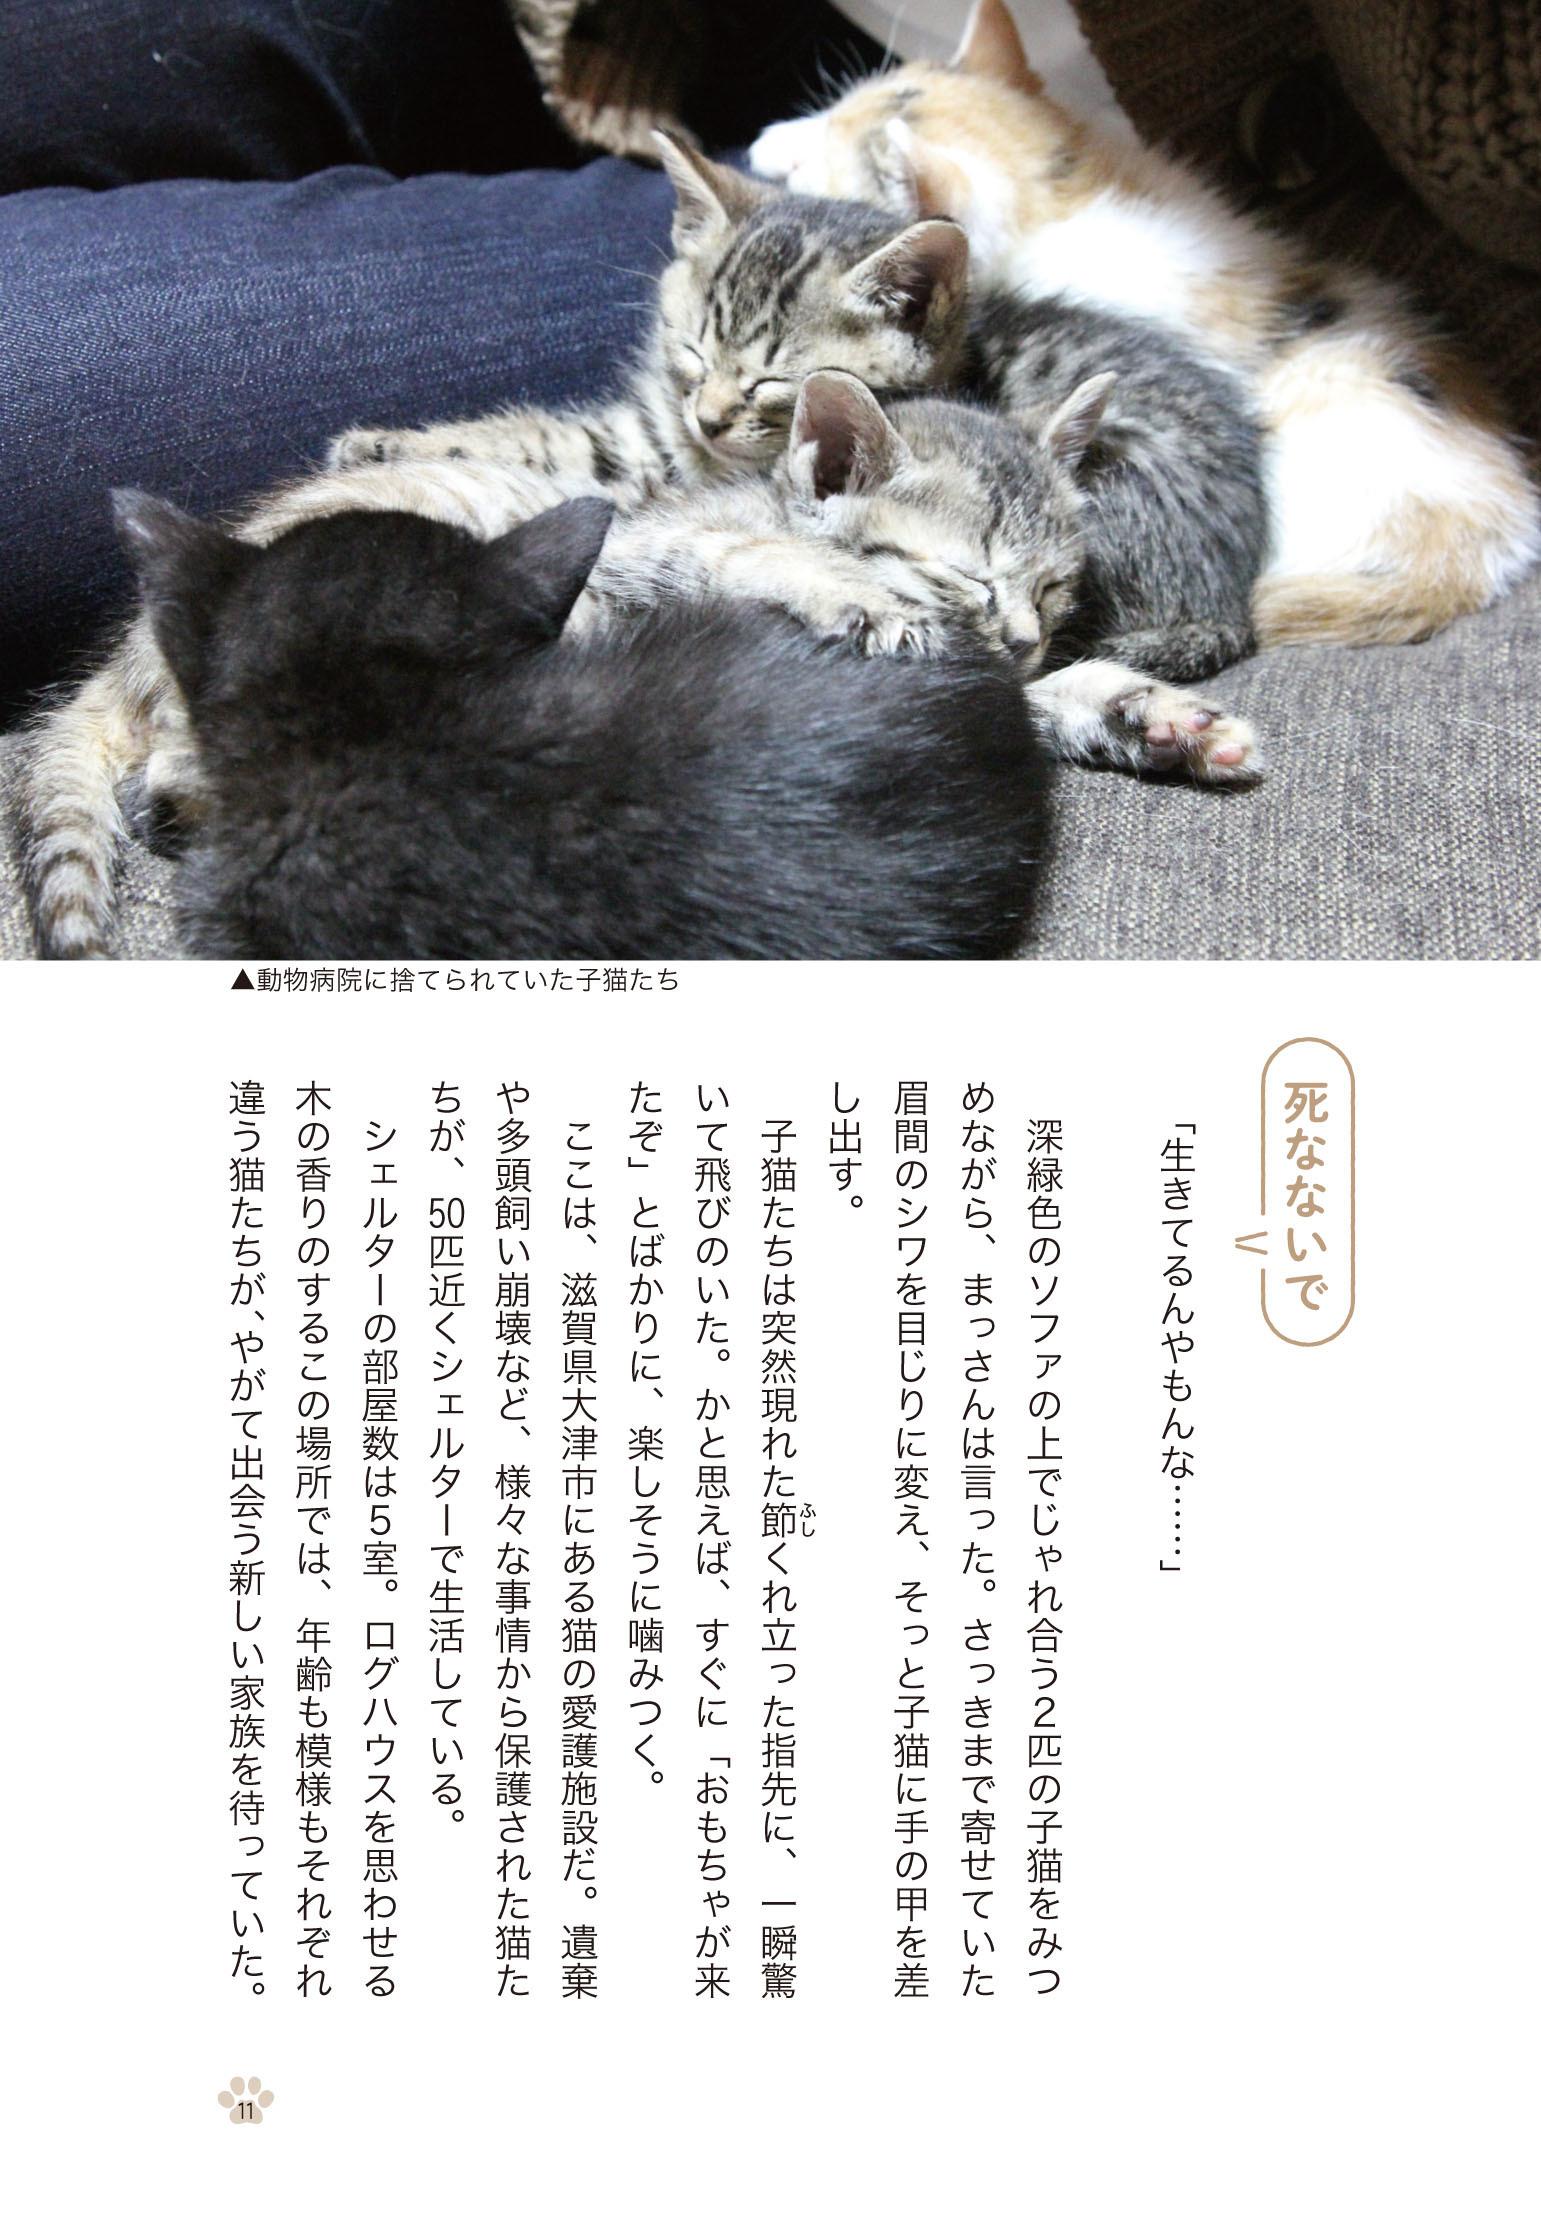 【新刊のご紹介】咲セリさん『優しい手としっぽ』_f0357923_15593191.jpg